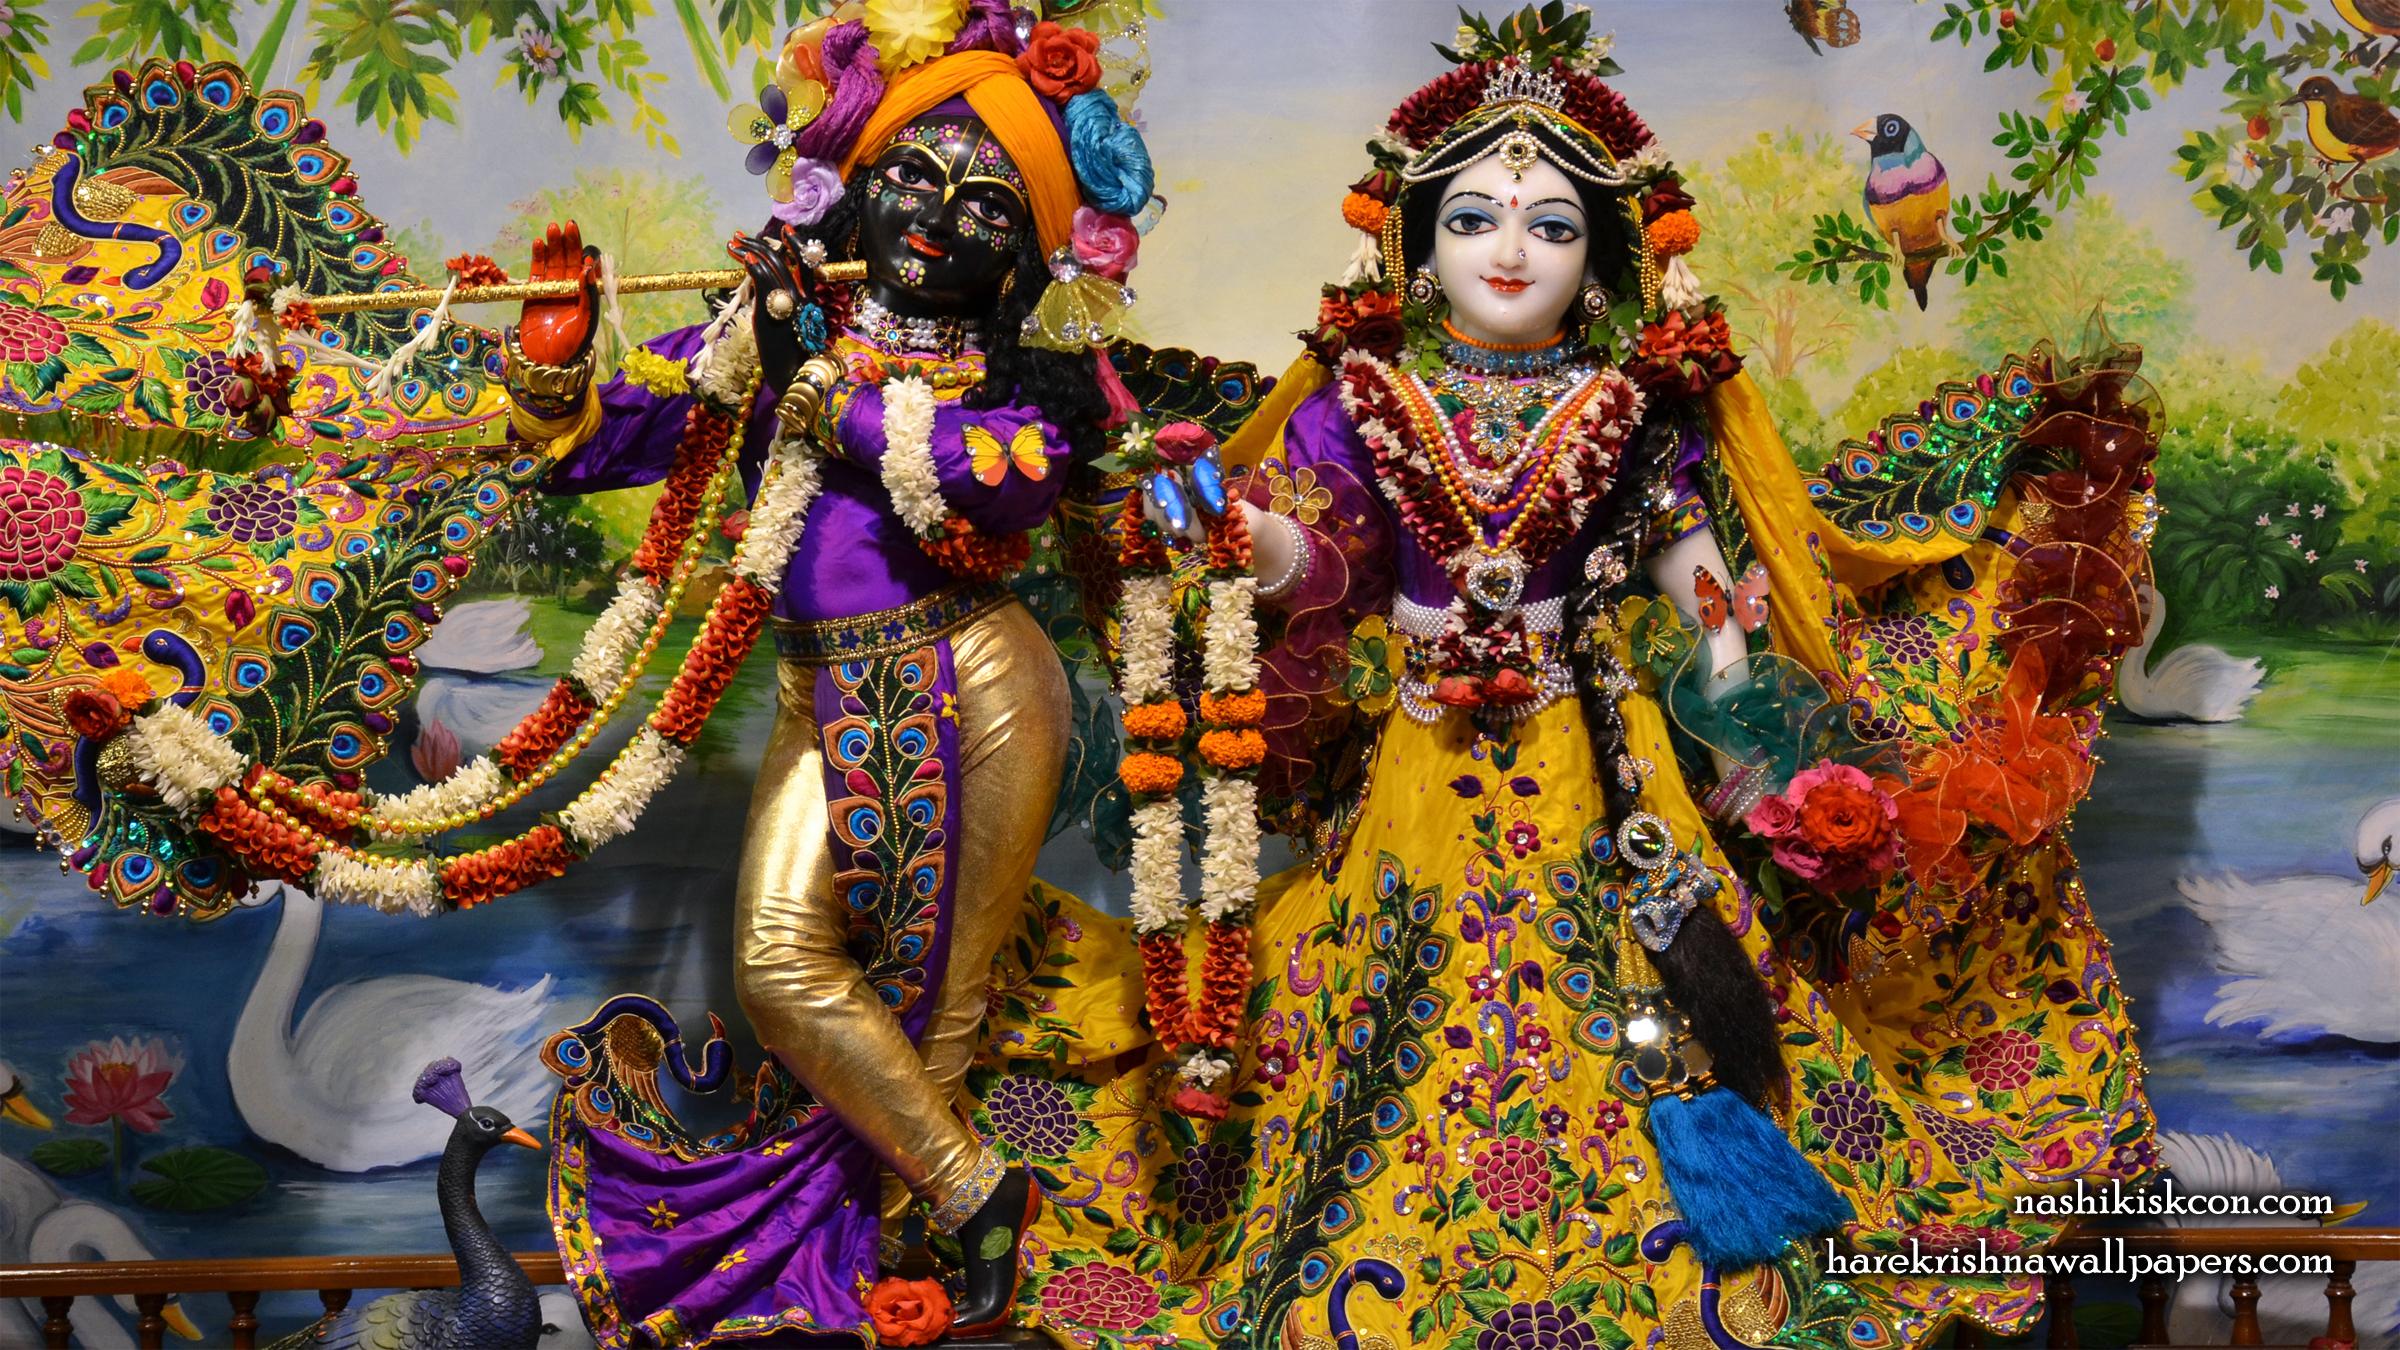 Sri Sri Radha Madan Gopal Wallpaper (002) Size 2400x1350 Download